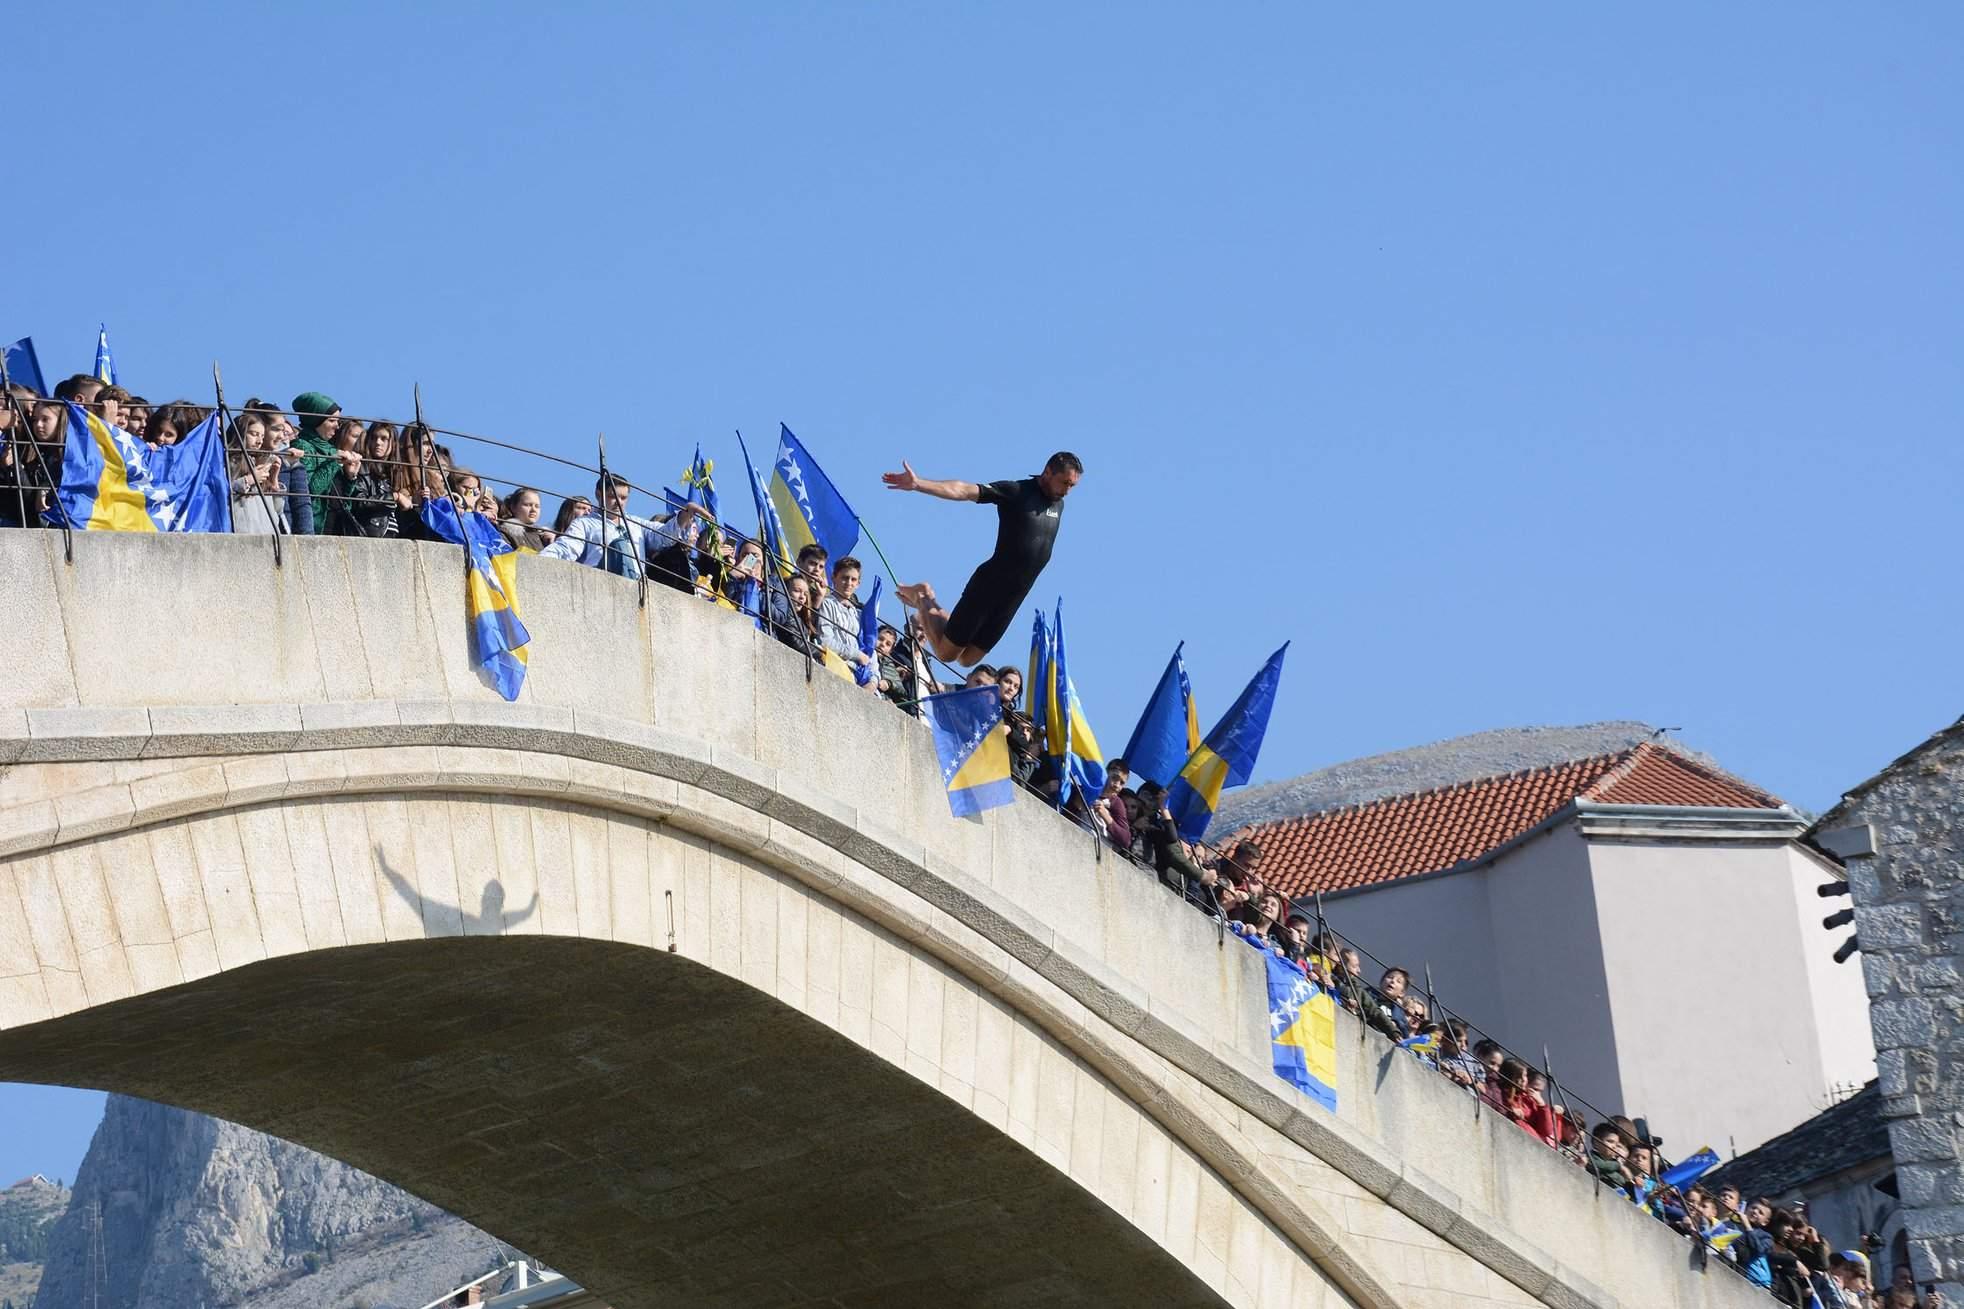 (Foto: AA) - Obilježena 25. godišnjica rušenja Starog mosta u Mostaru